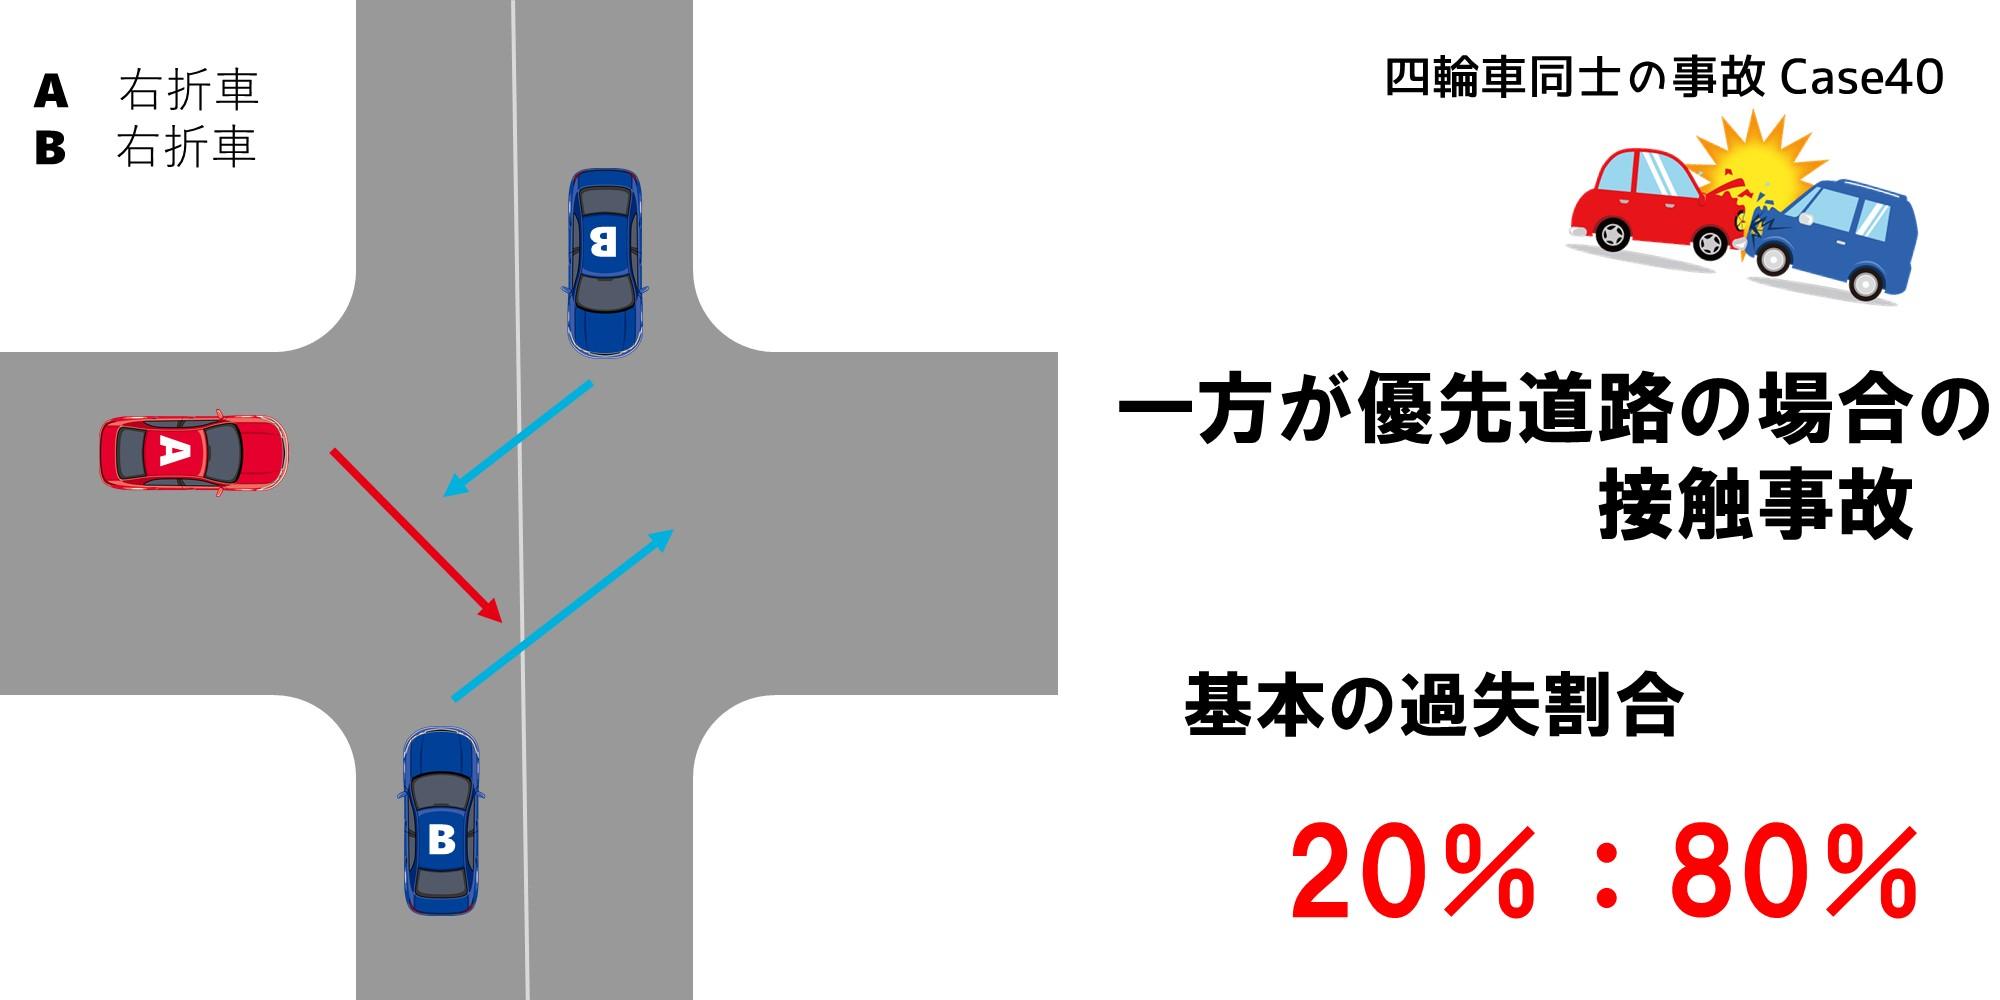 一方が優先道路の場合の過失割合